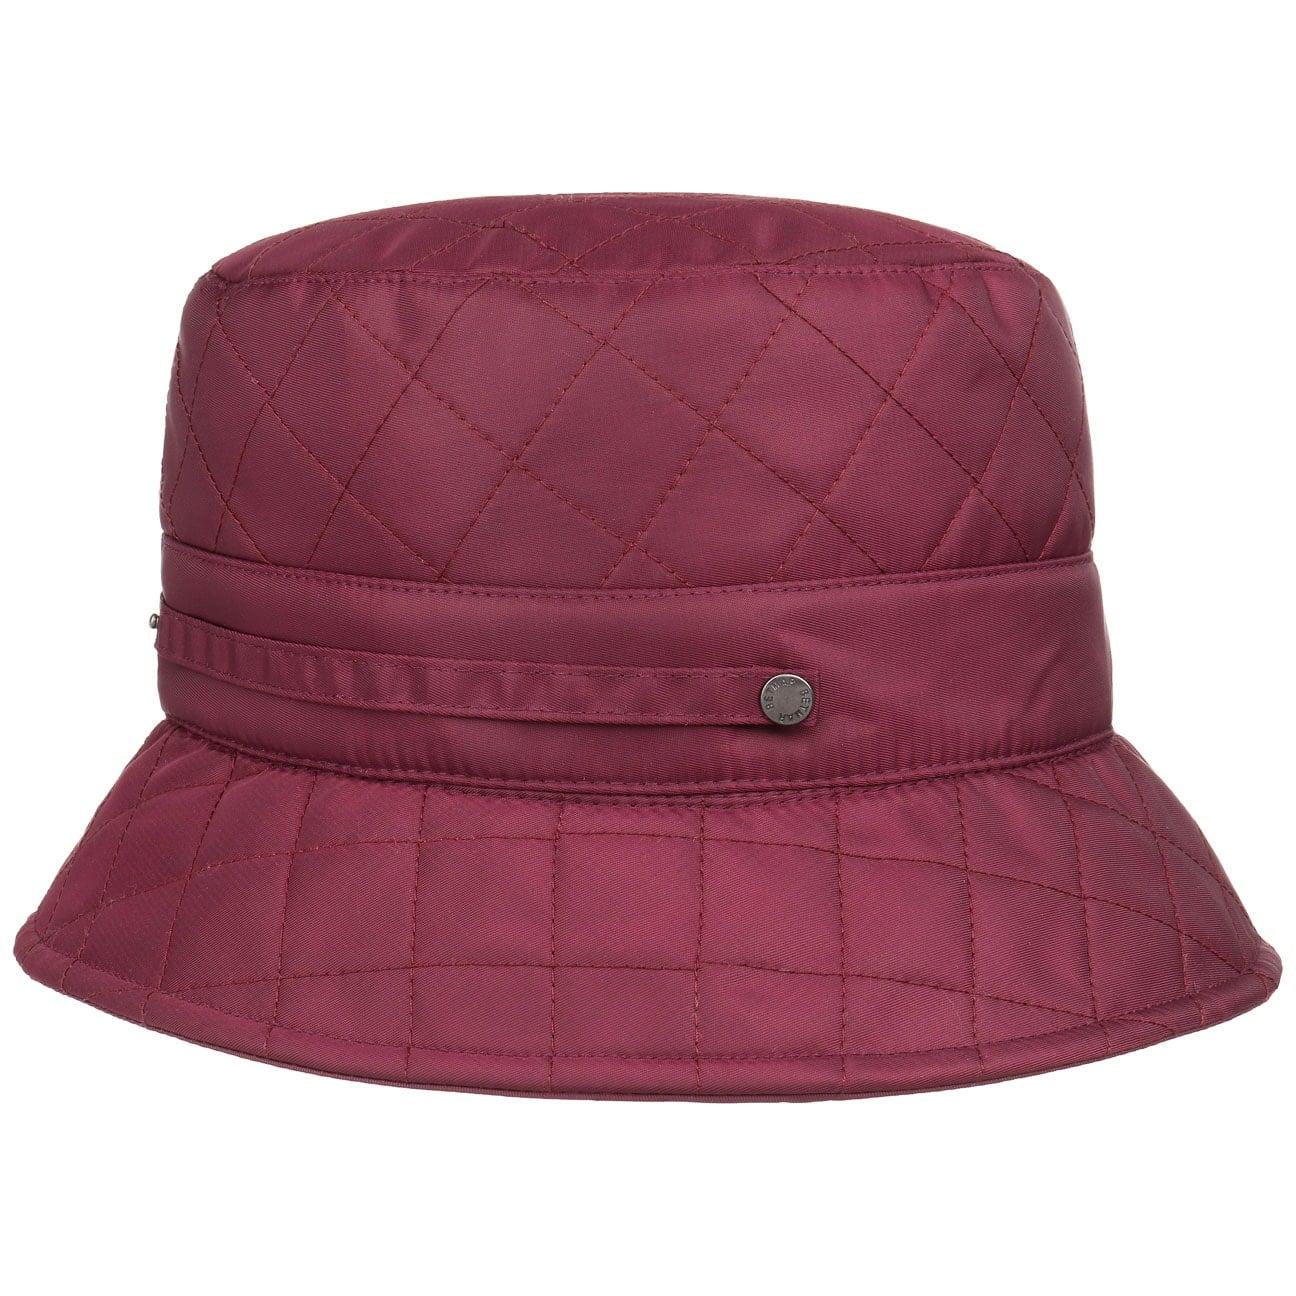 Chapeau pour Femme Quilted by Betmar  chapeau de pluie